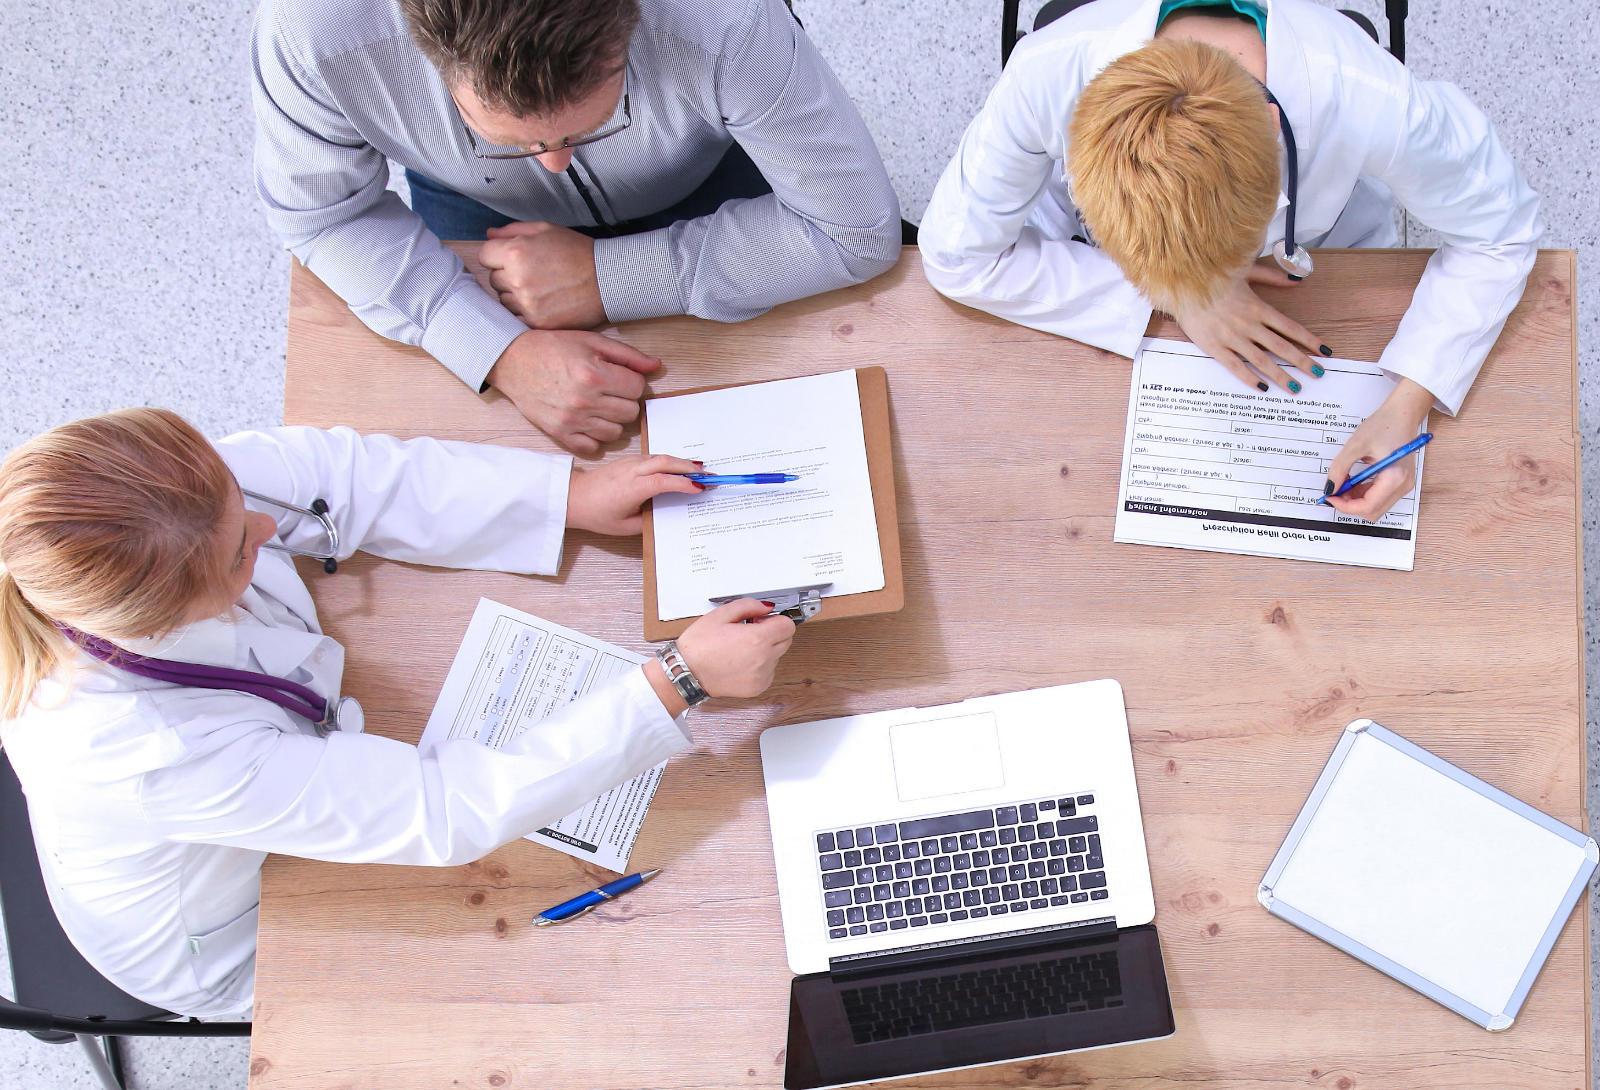 equipe de vendas planos de saúde